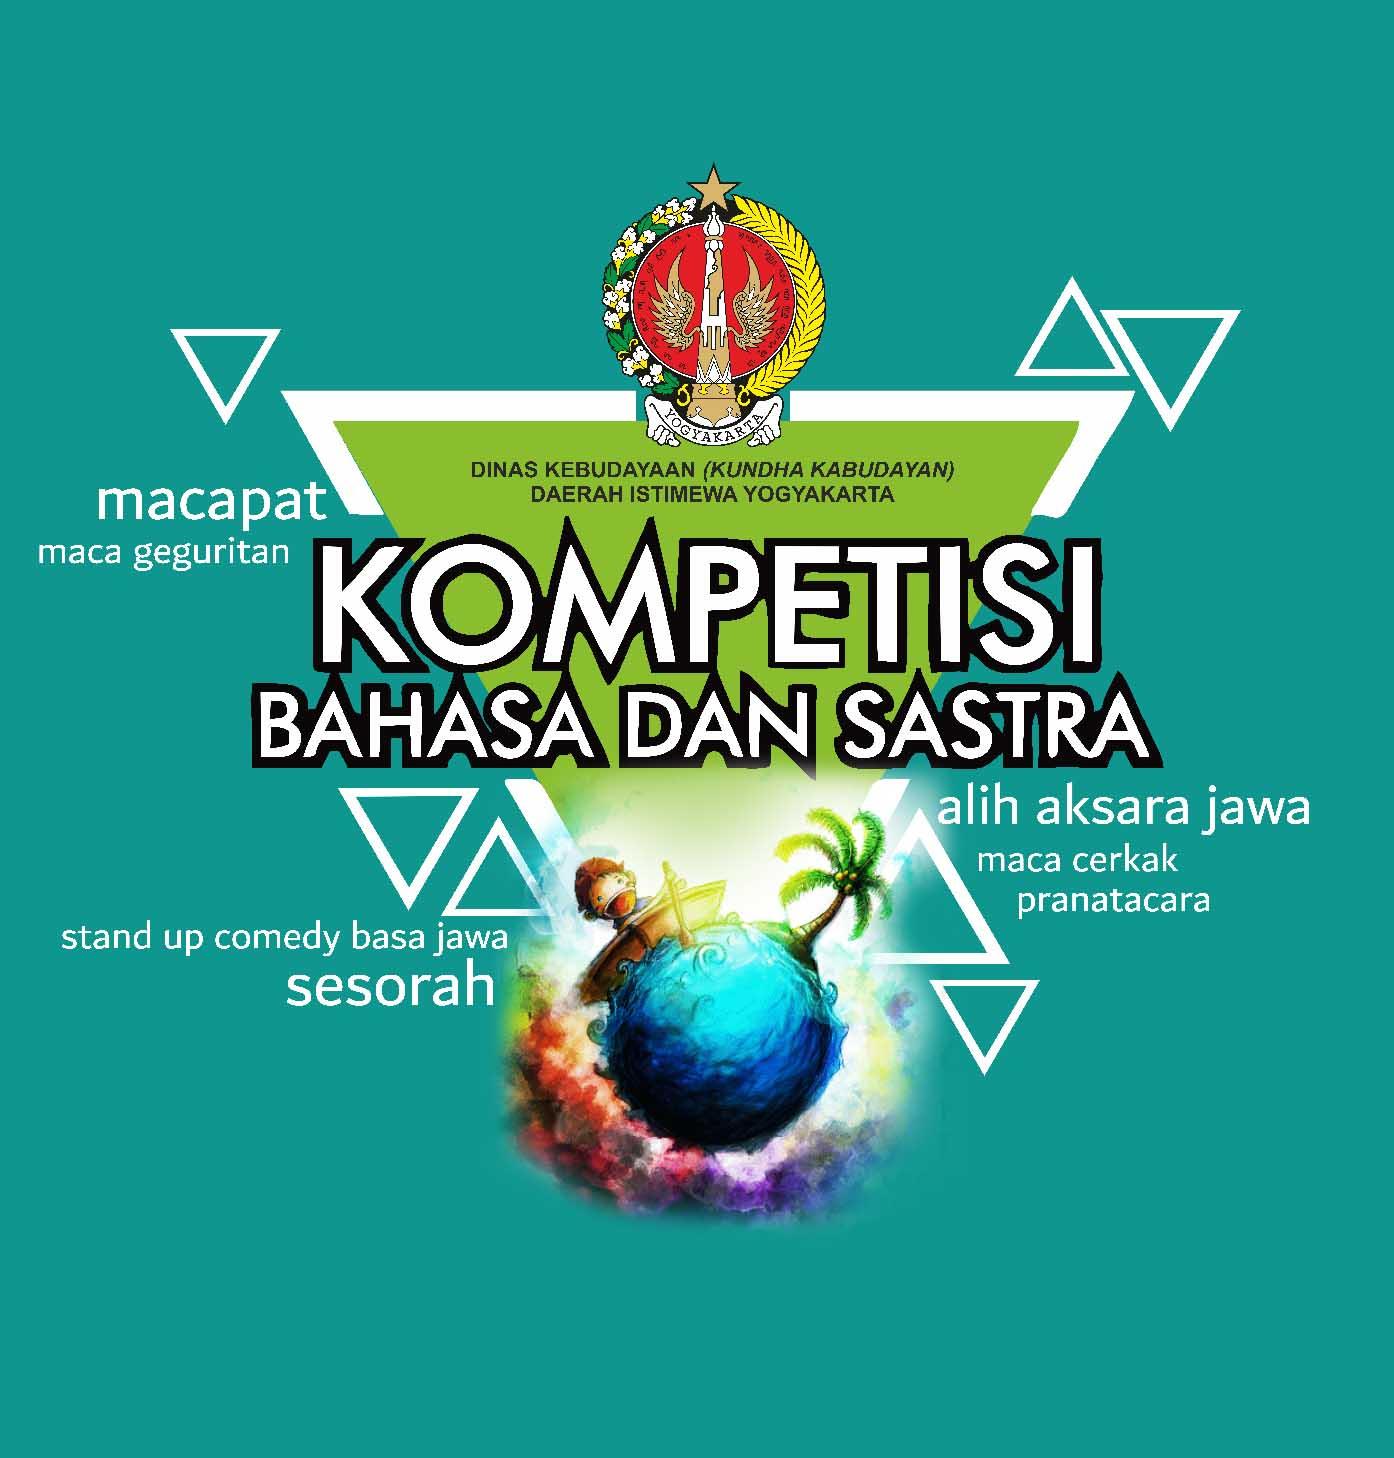 Juara Kompetisi Bahasa Dan Sastra